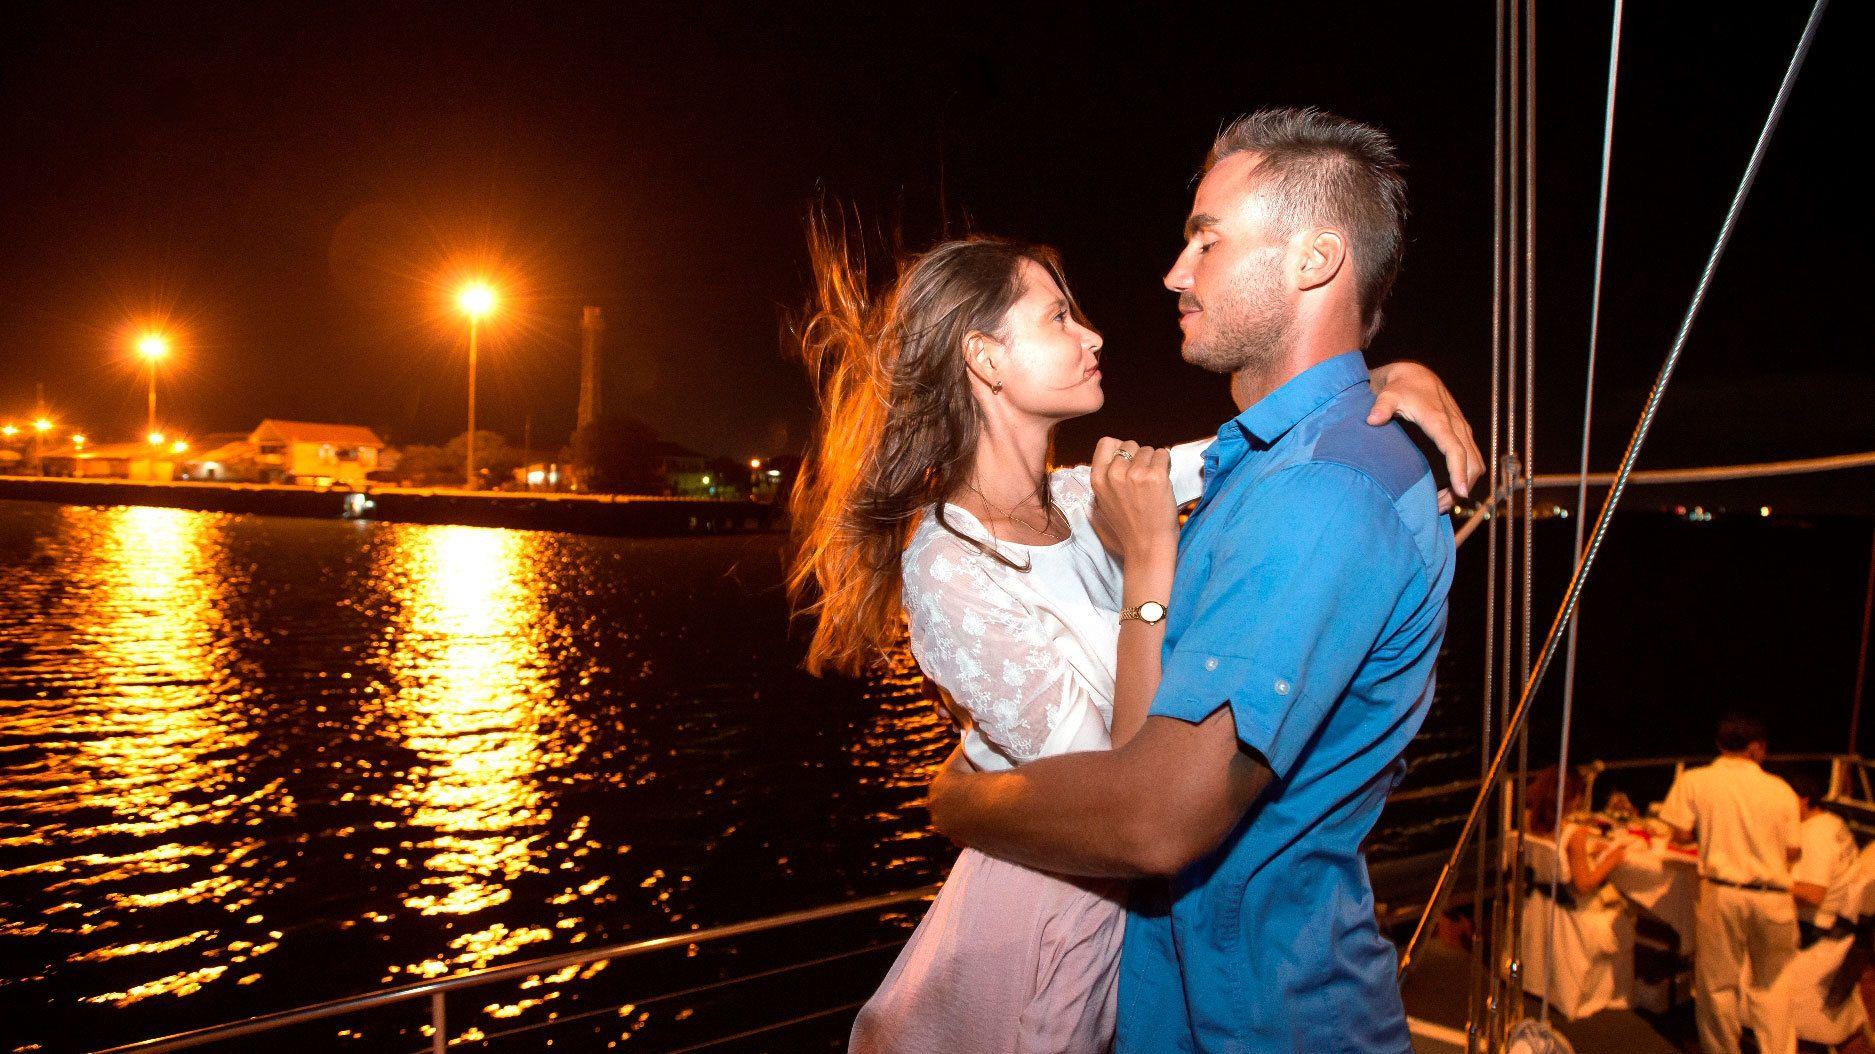 Romantische Aristocat-avondcruise met 5-gangen diner